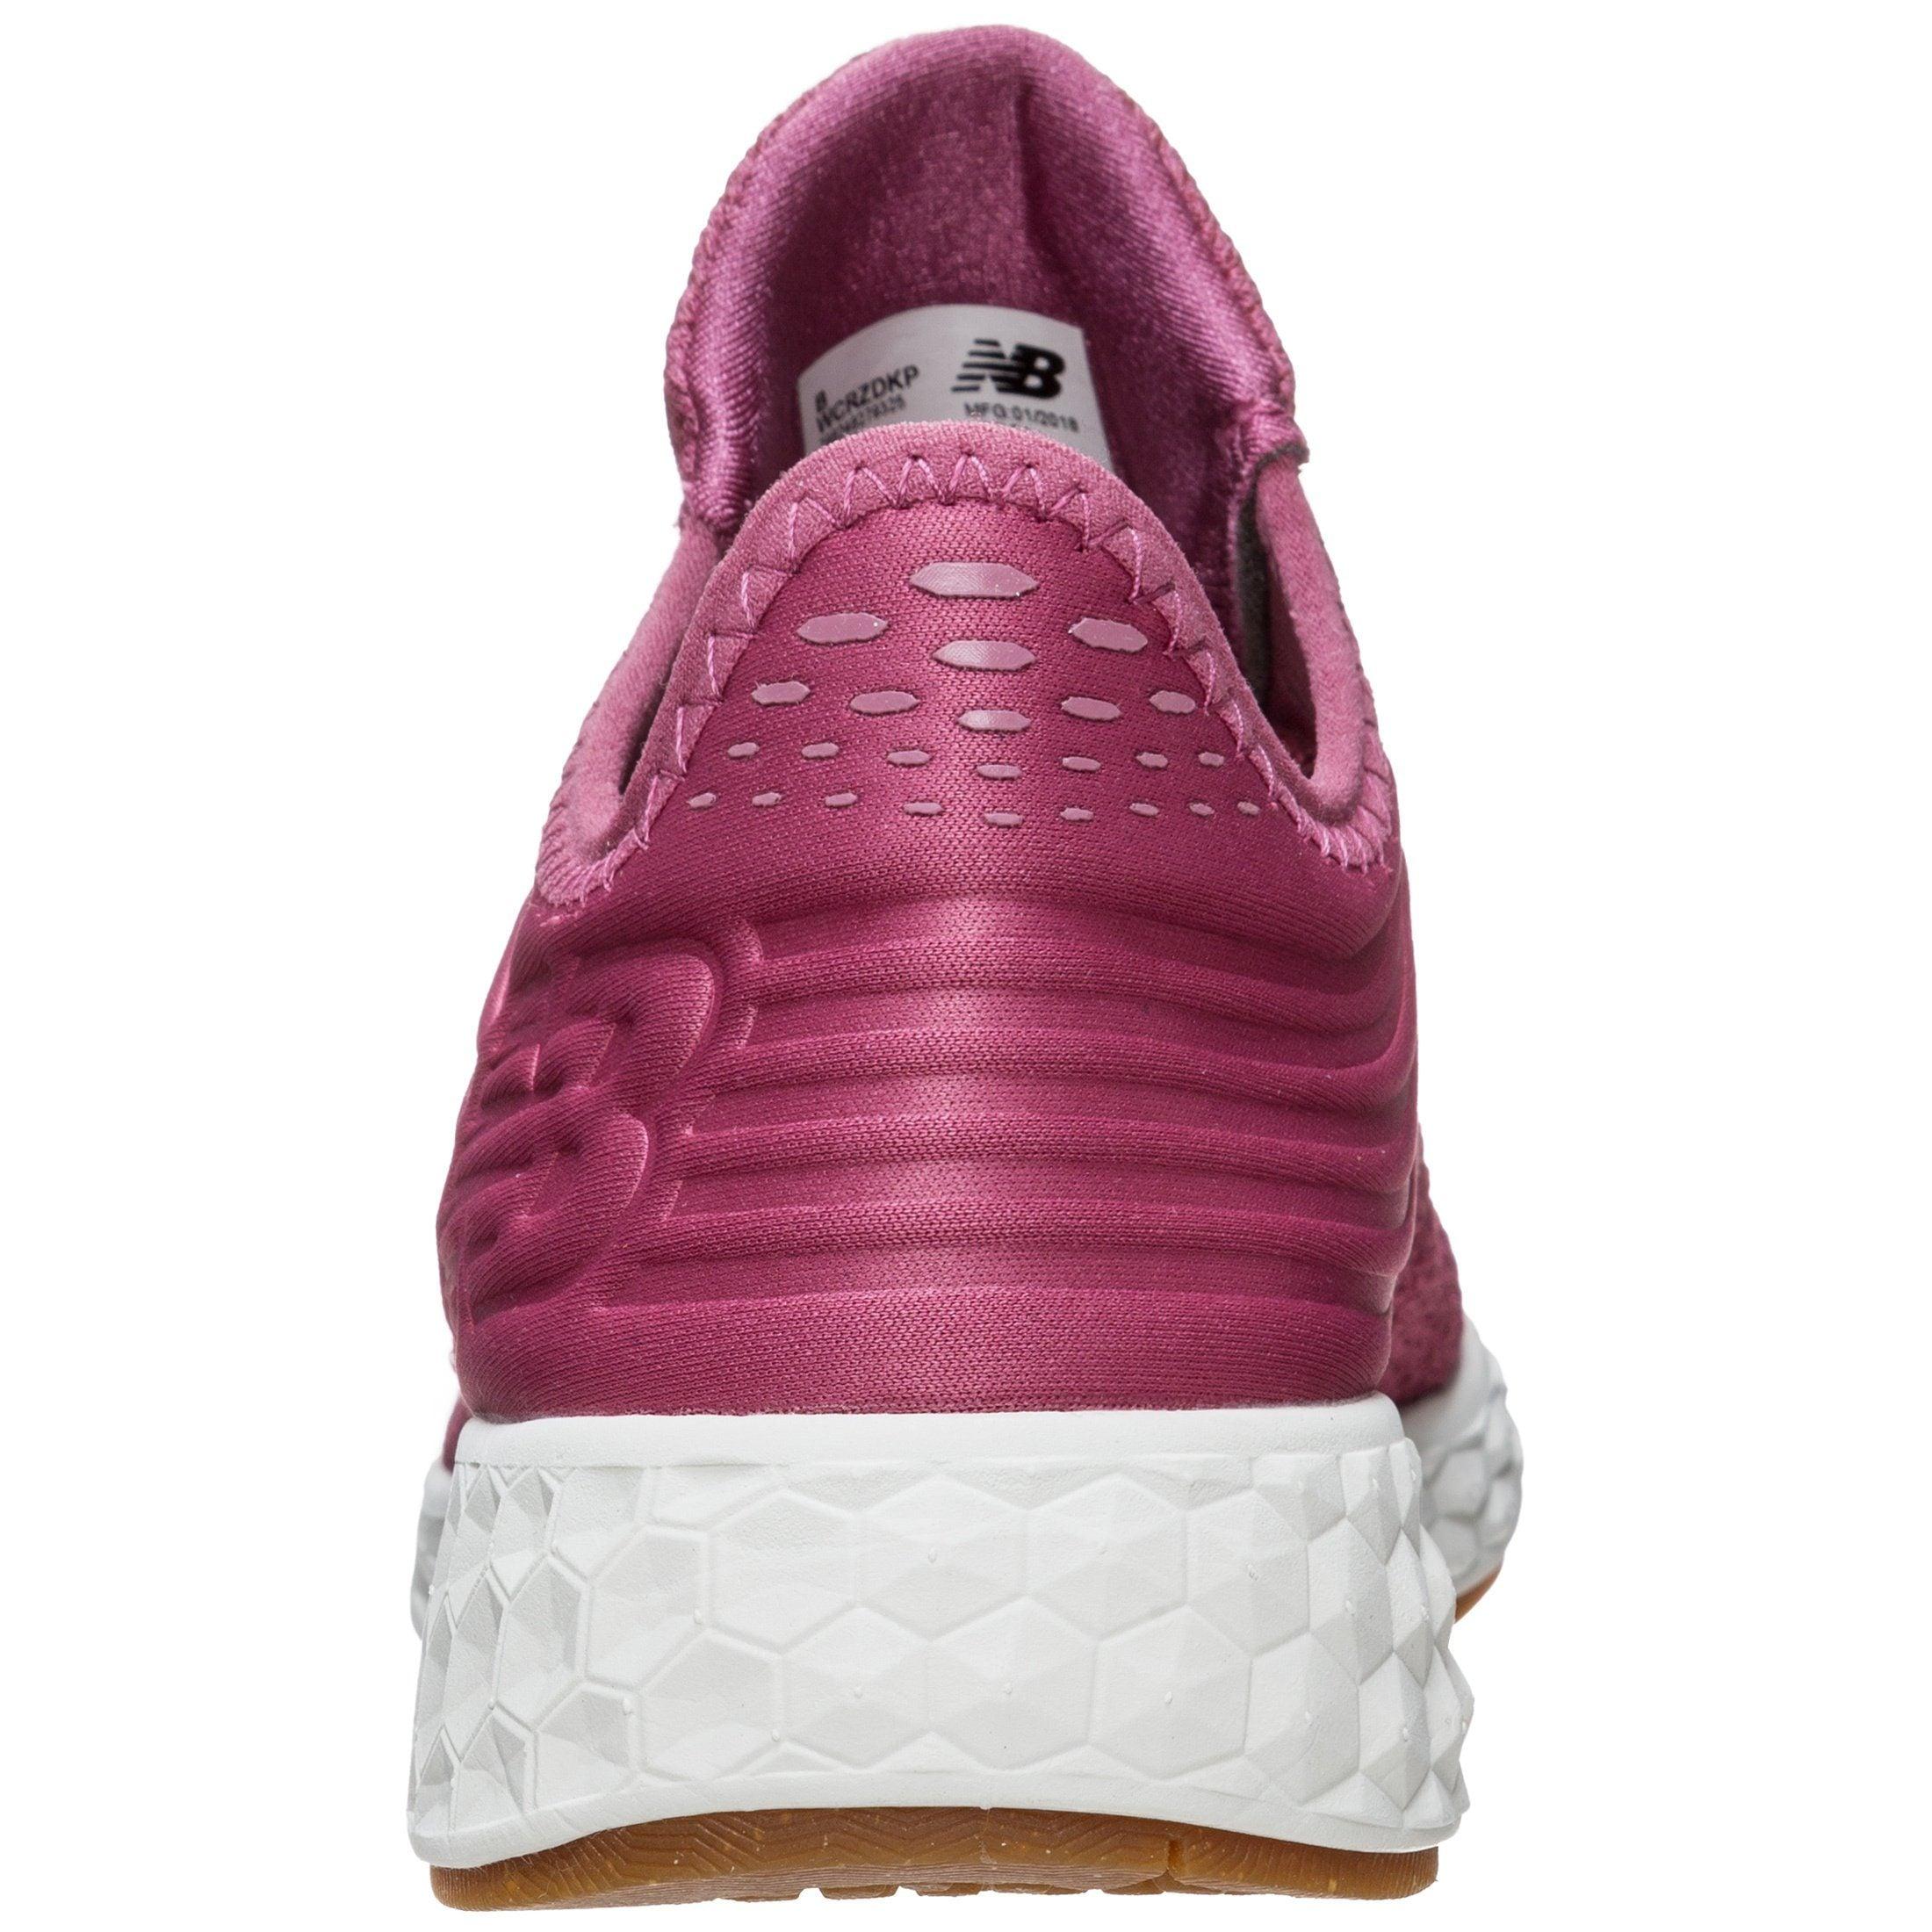 New Balance Laufschuh »Fresh Foam Cruz« online  online Cruz« kaufen | Gutes Preis-Leistungs-Verhältnis, es lohnt sich 5c50cb